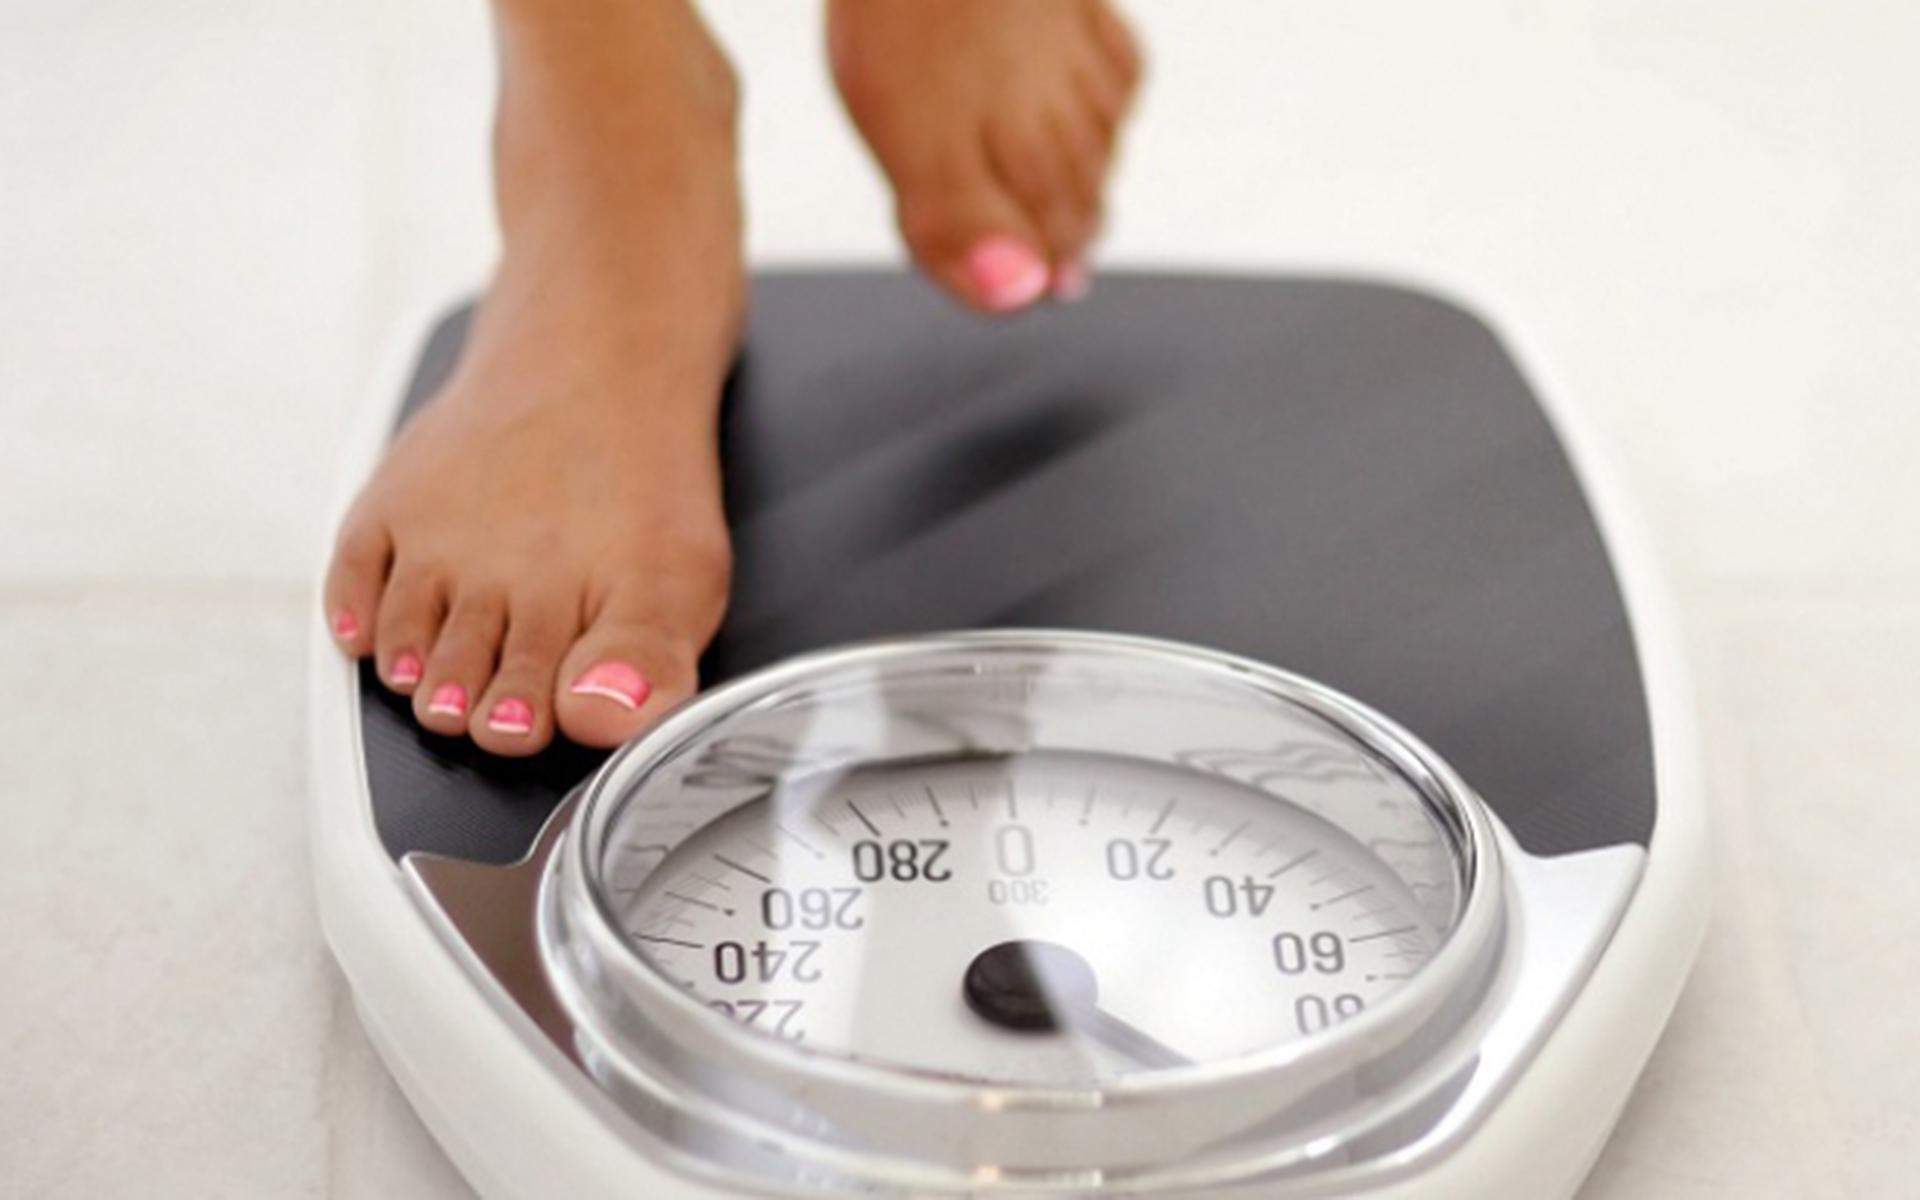 pierdere în greutate wr450